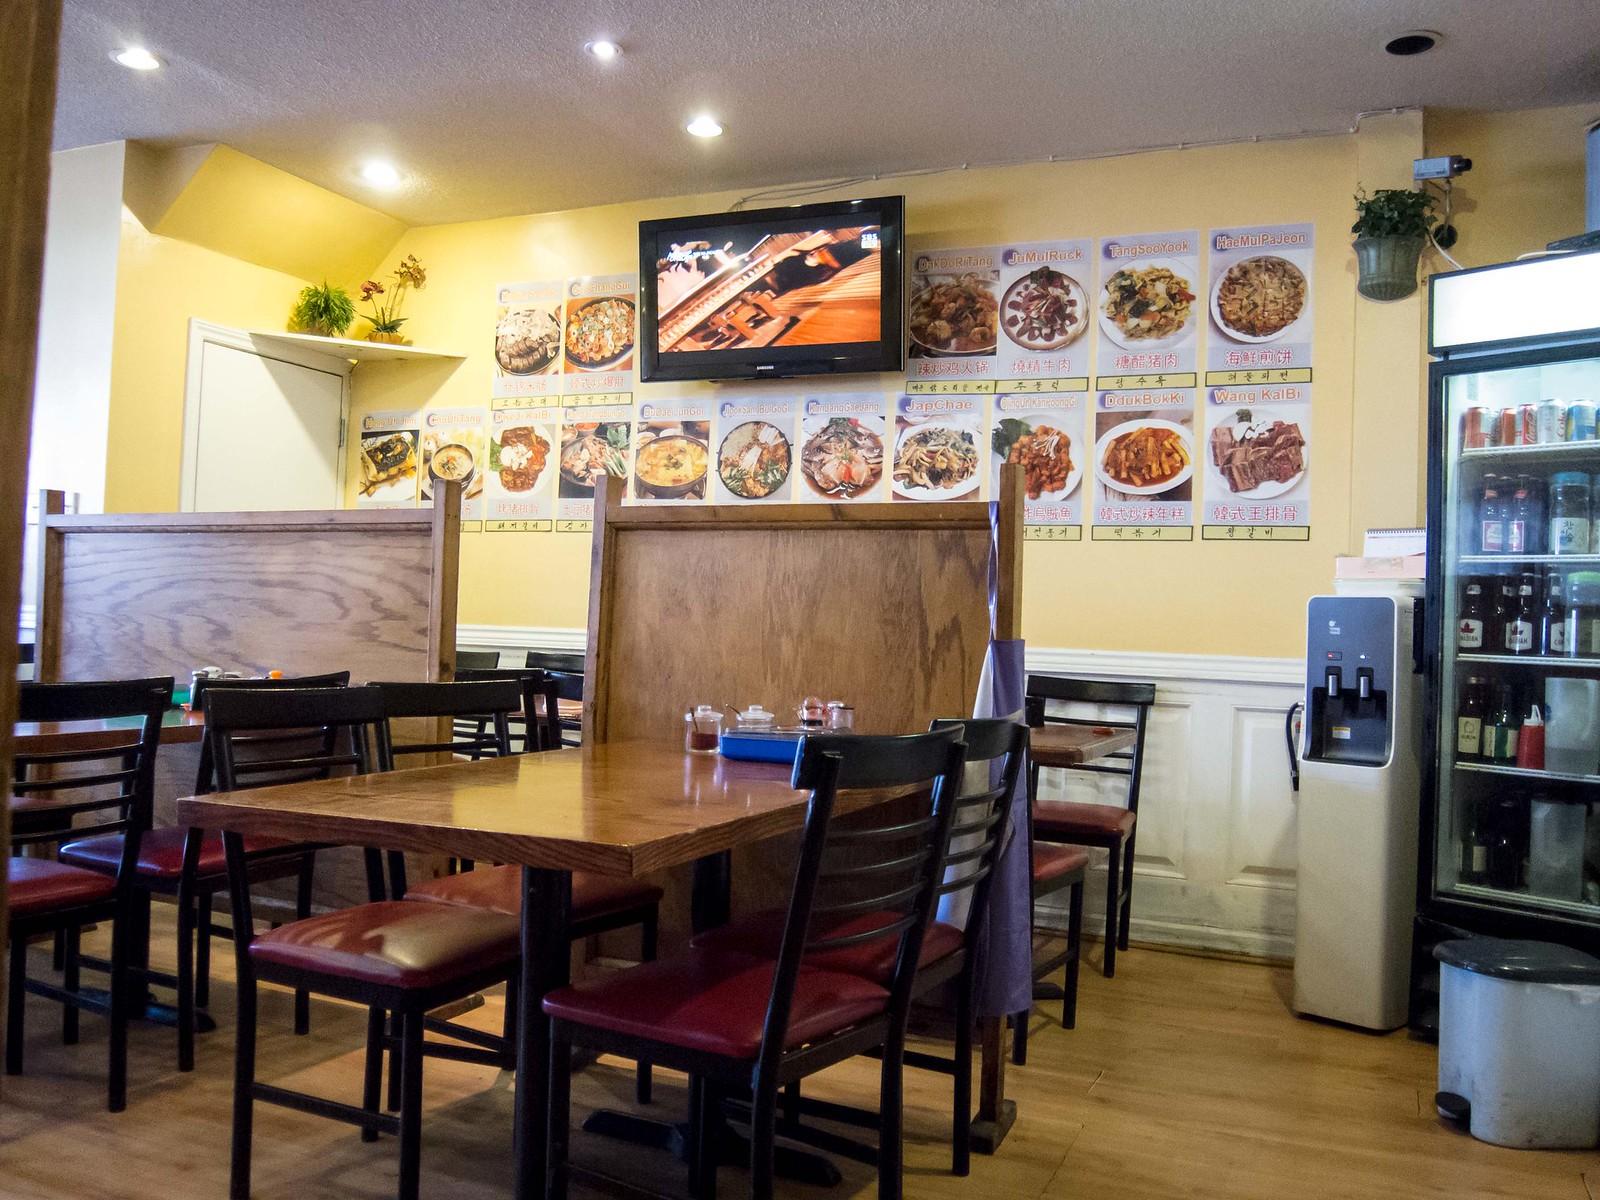 xiaoEats   Toronto Food Blog Oh Geul Boh Geul